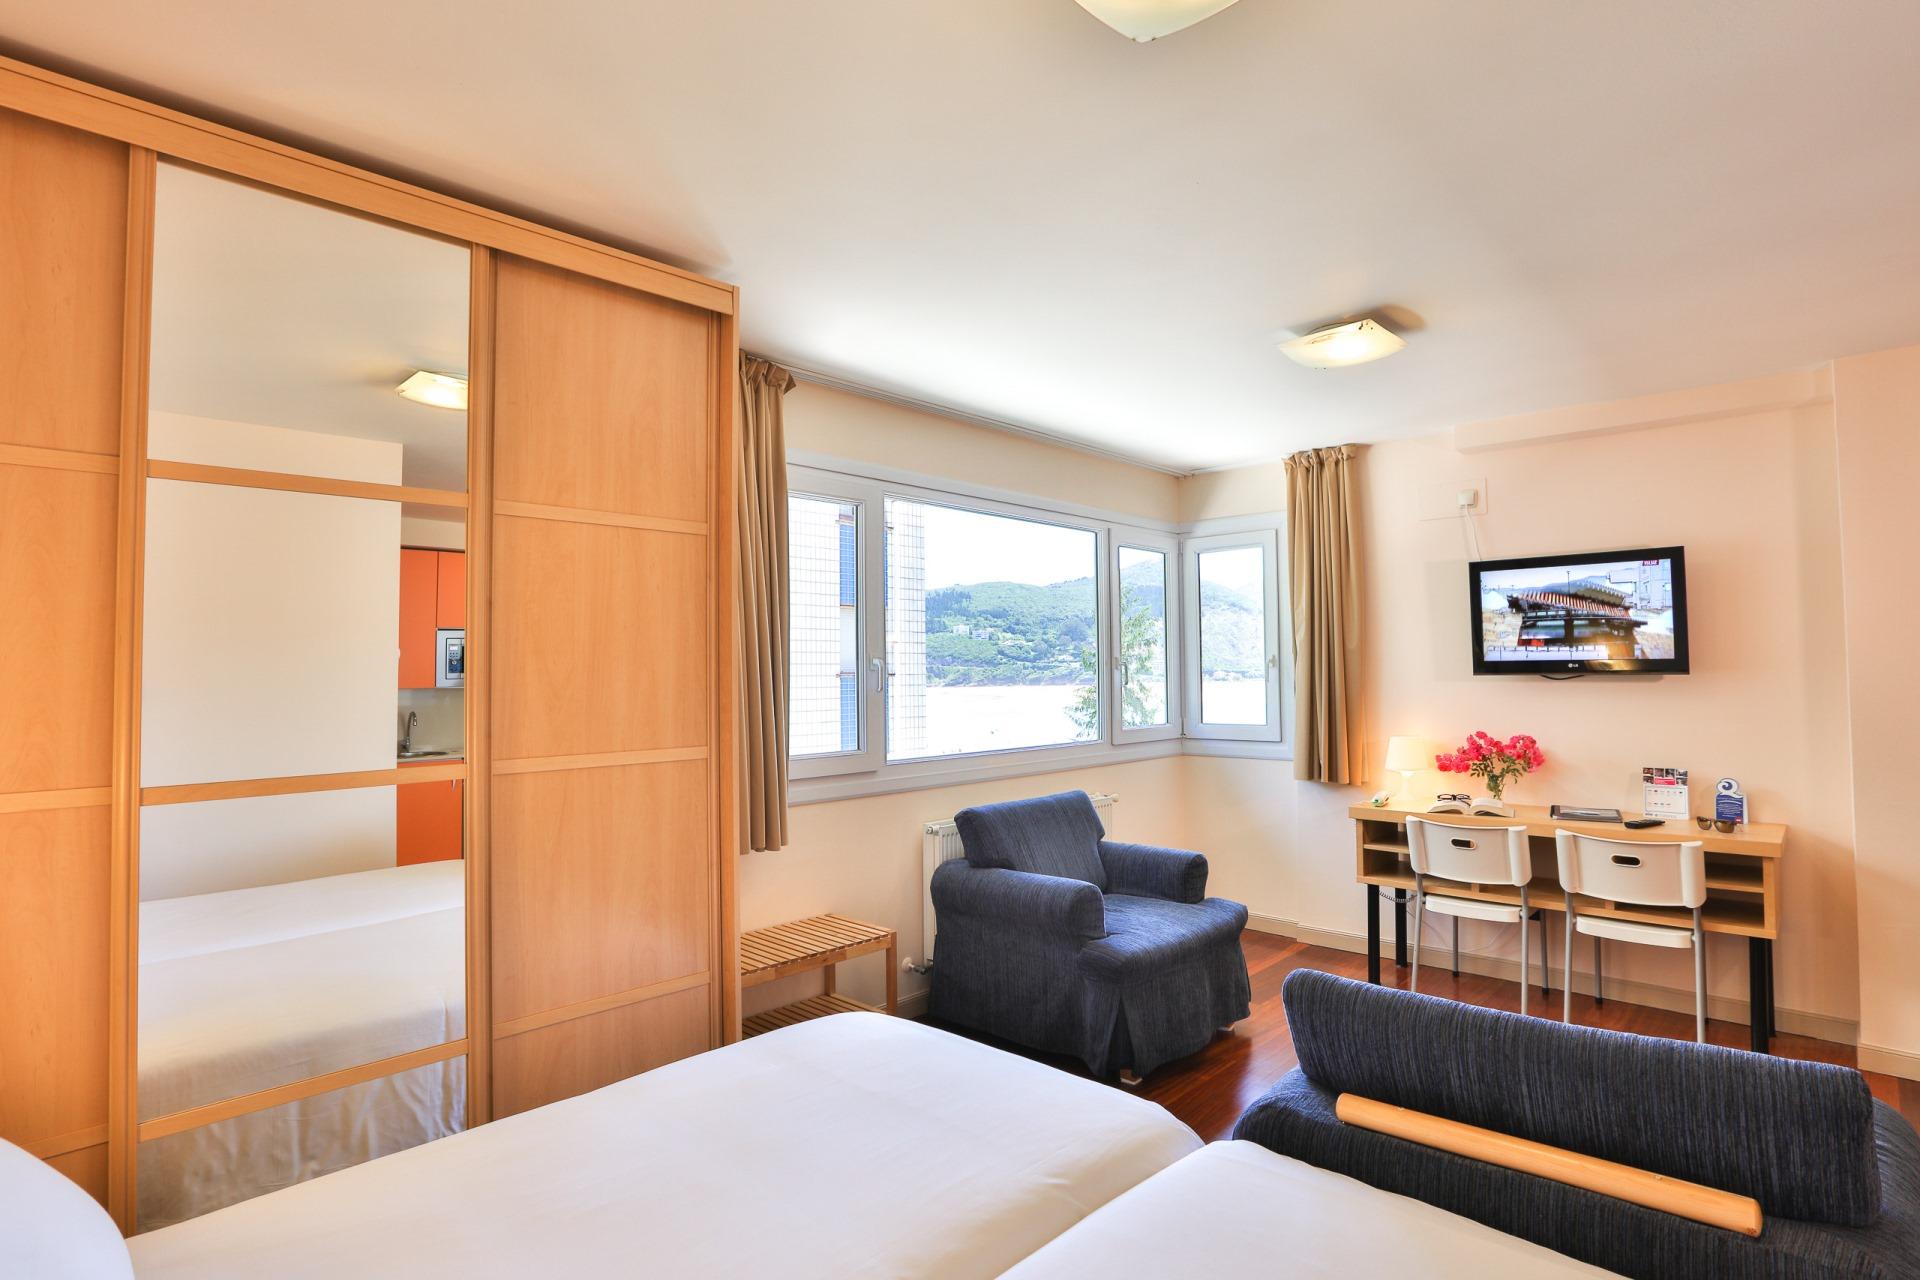 Habitaciones de los apartamentos mundaka - Apartamentos en mundaka ...